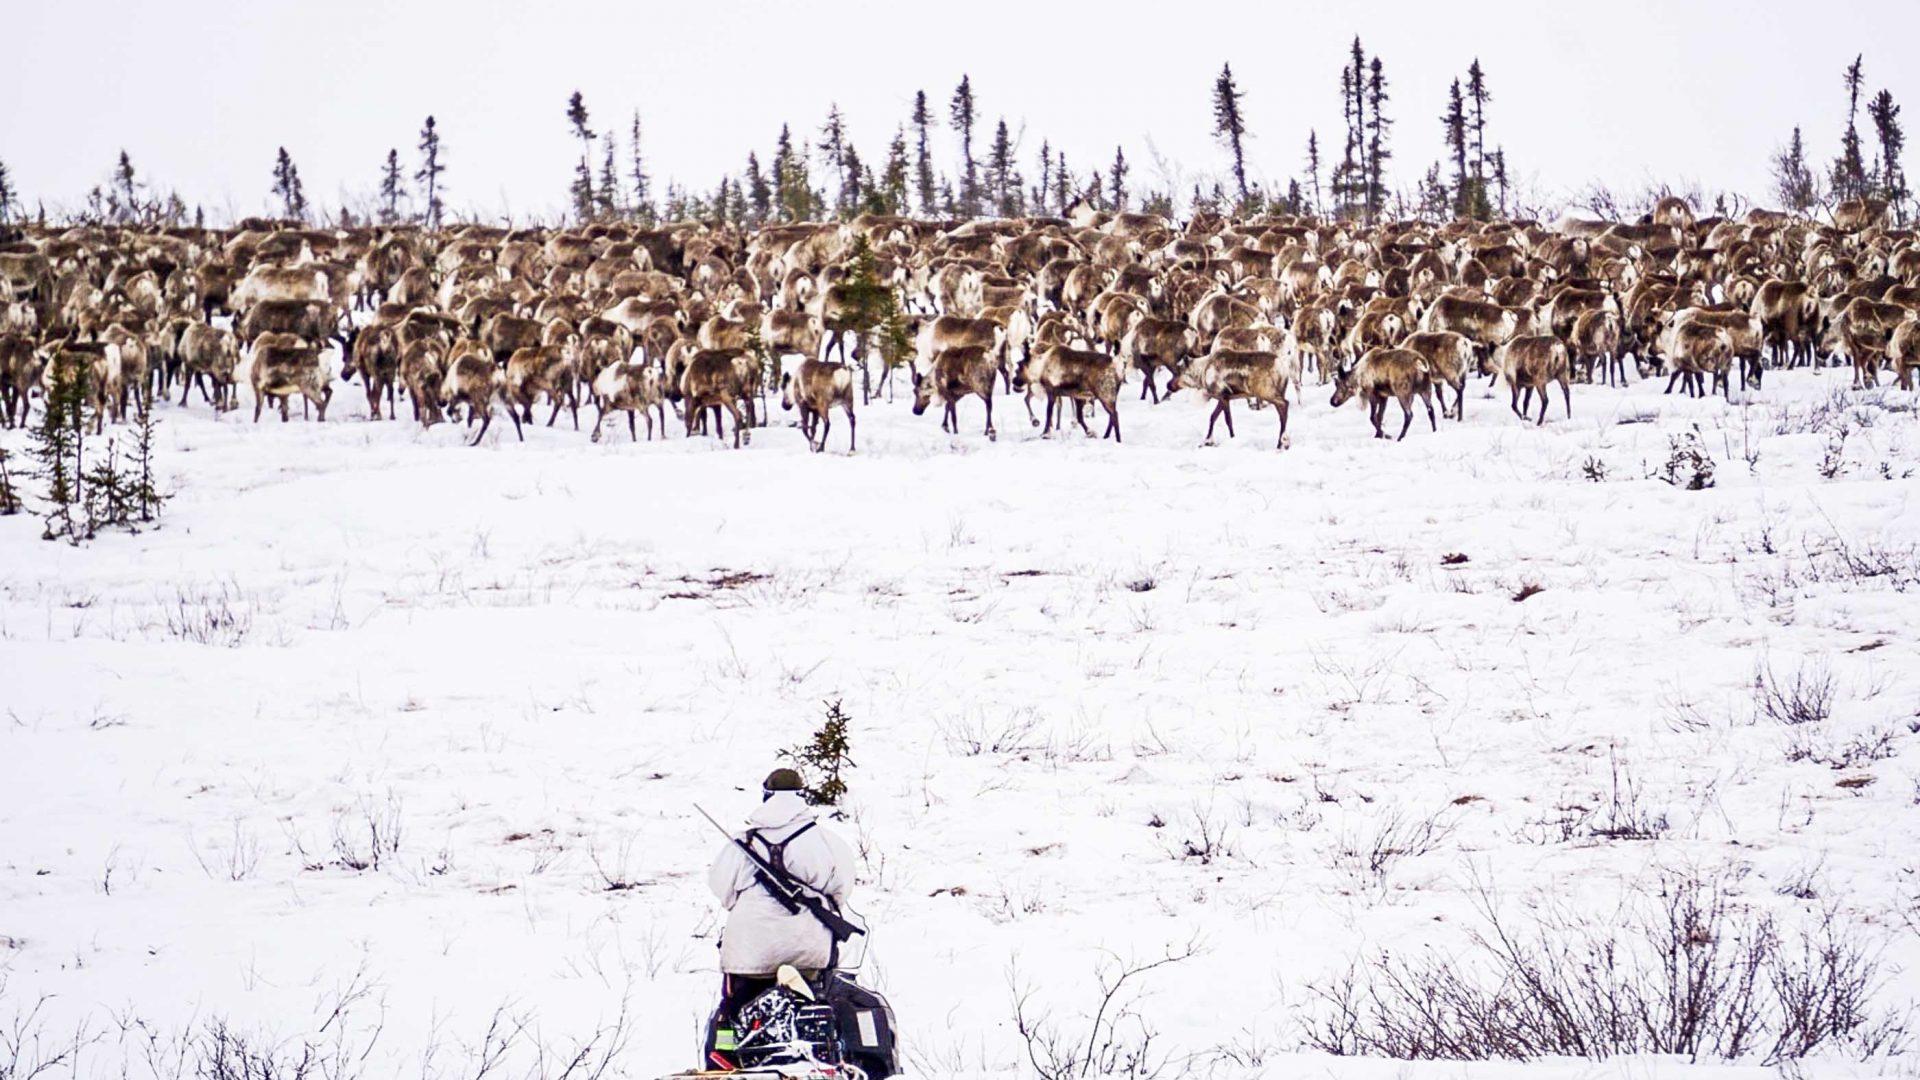 Reindeer herder Tony Lalong herds reindeer from his Ski-Doo in Canada's Northwest Territories.